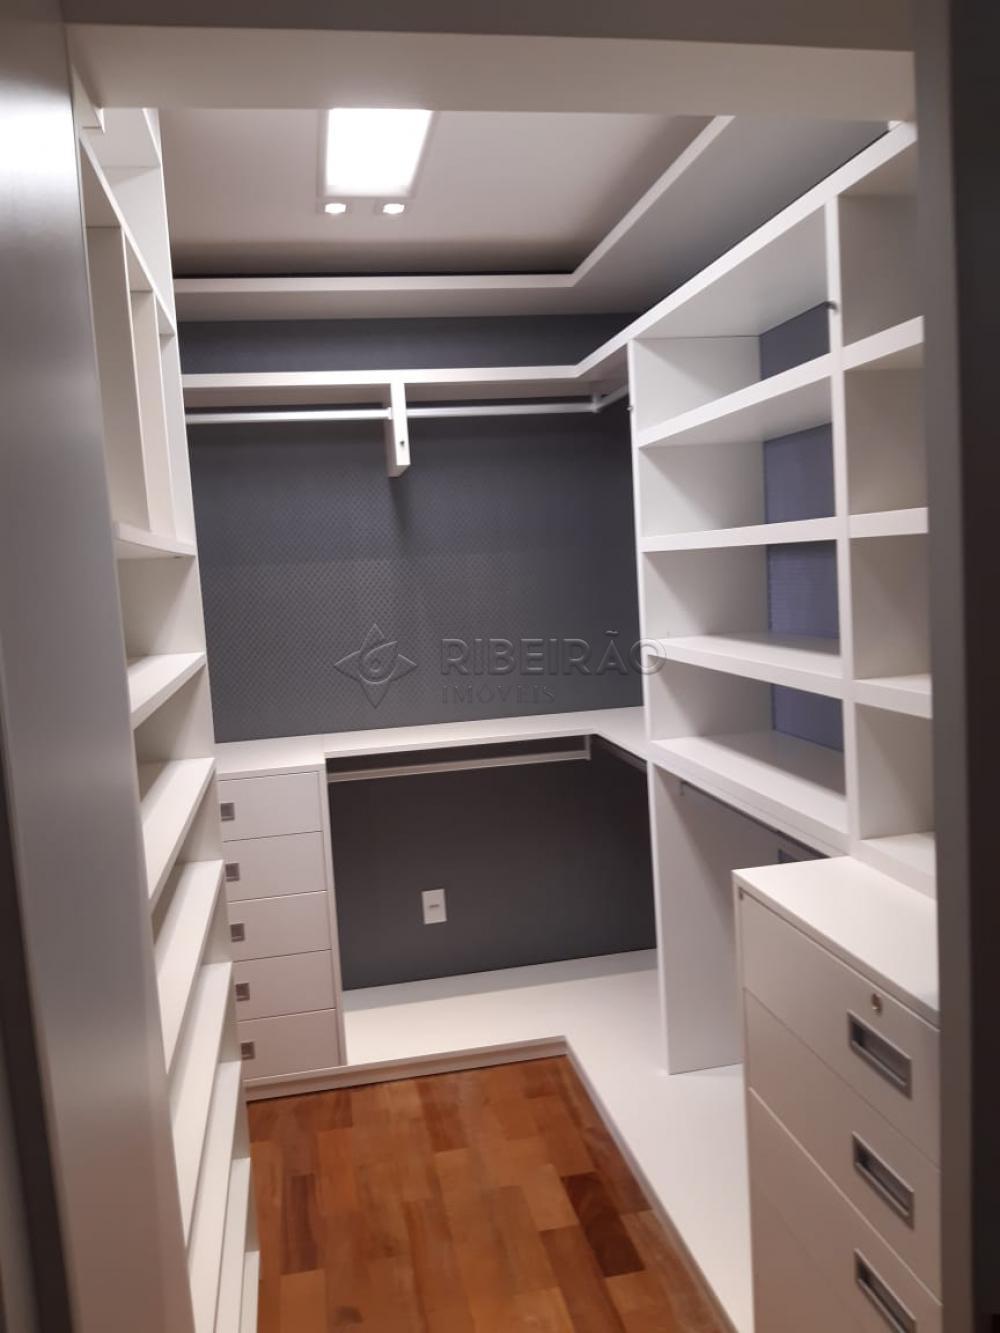 Comprar Apartamento / Cobertura em Ribeirão Preto R$ 1.900.000,00 - Foto 10